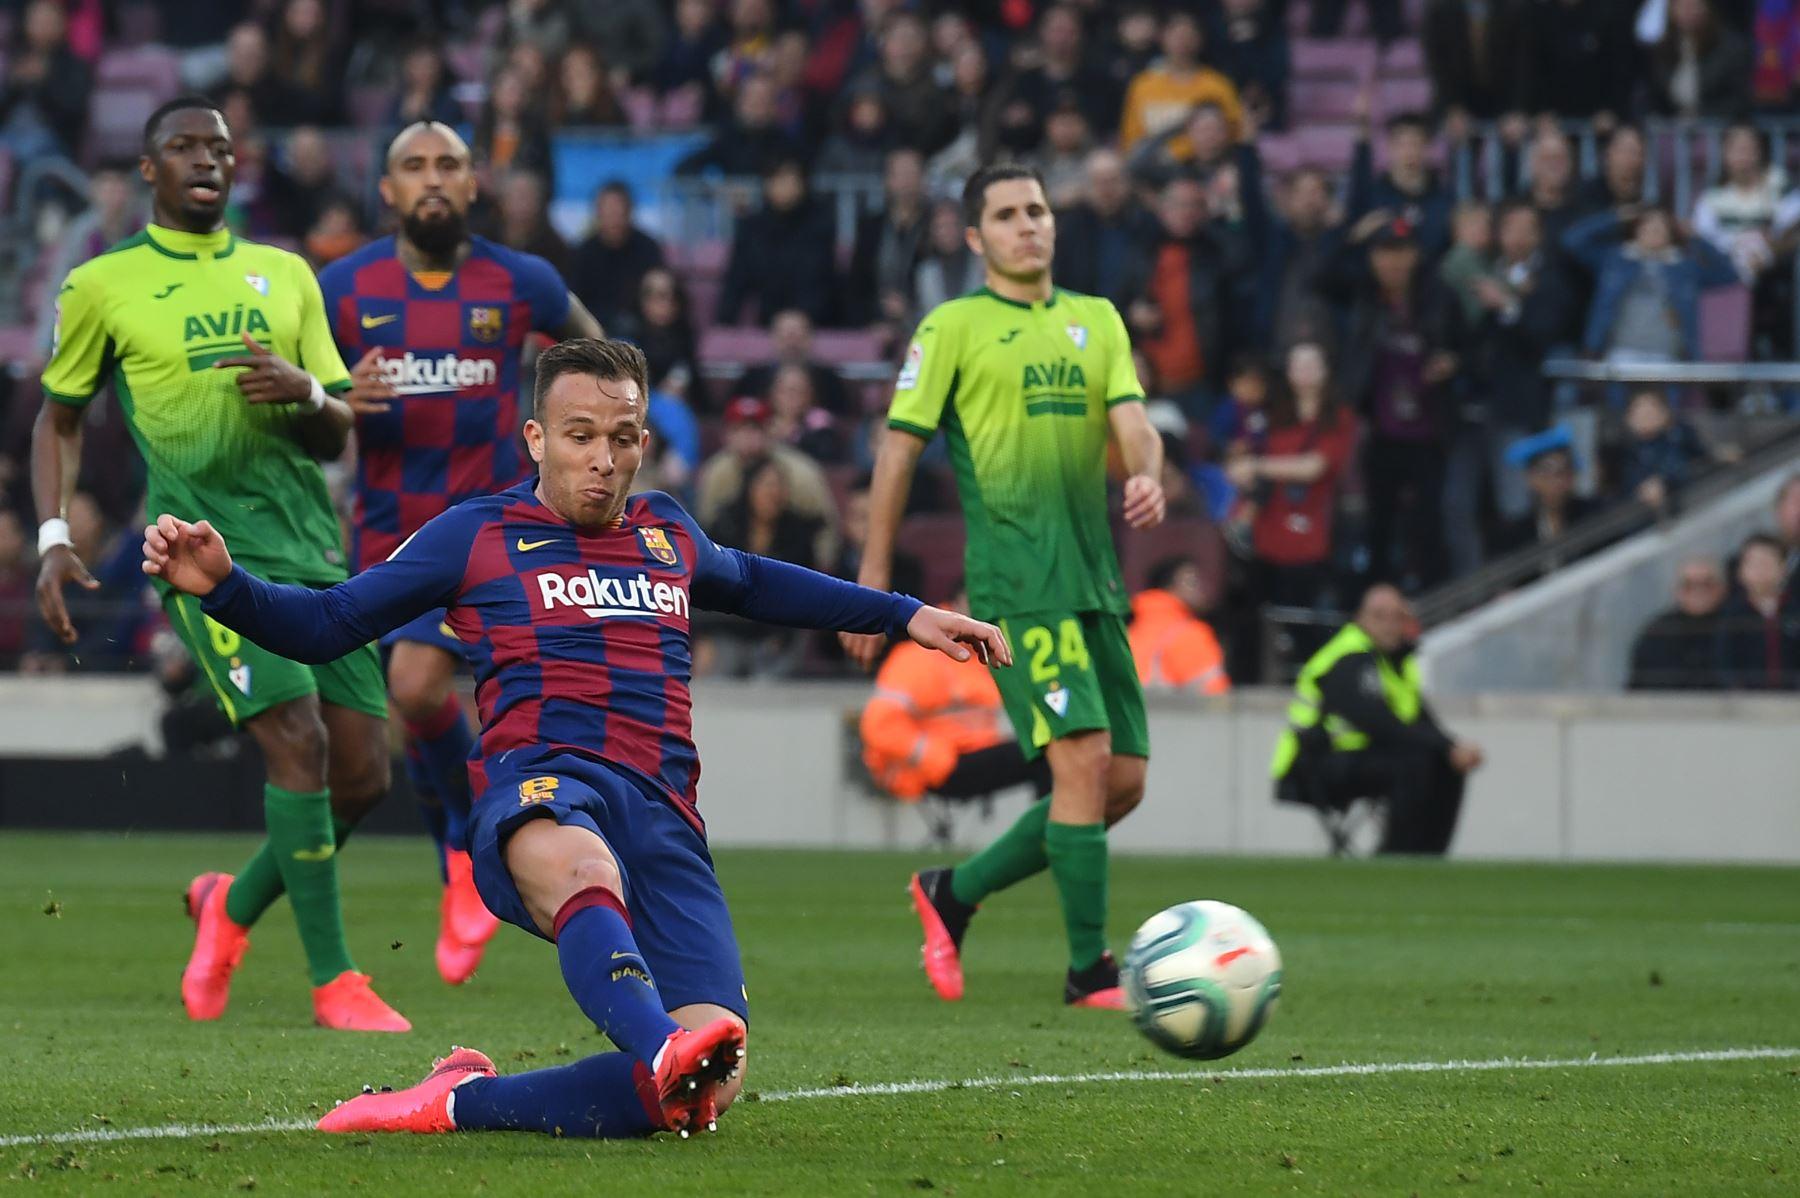 El mediocampista brasileño de Barcelona Arthur anota durante el partido de fútbol de la liga española FC Barcelona contra SD Eibar. Foto: AFP